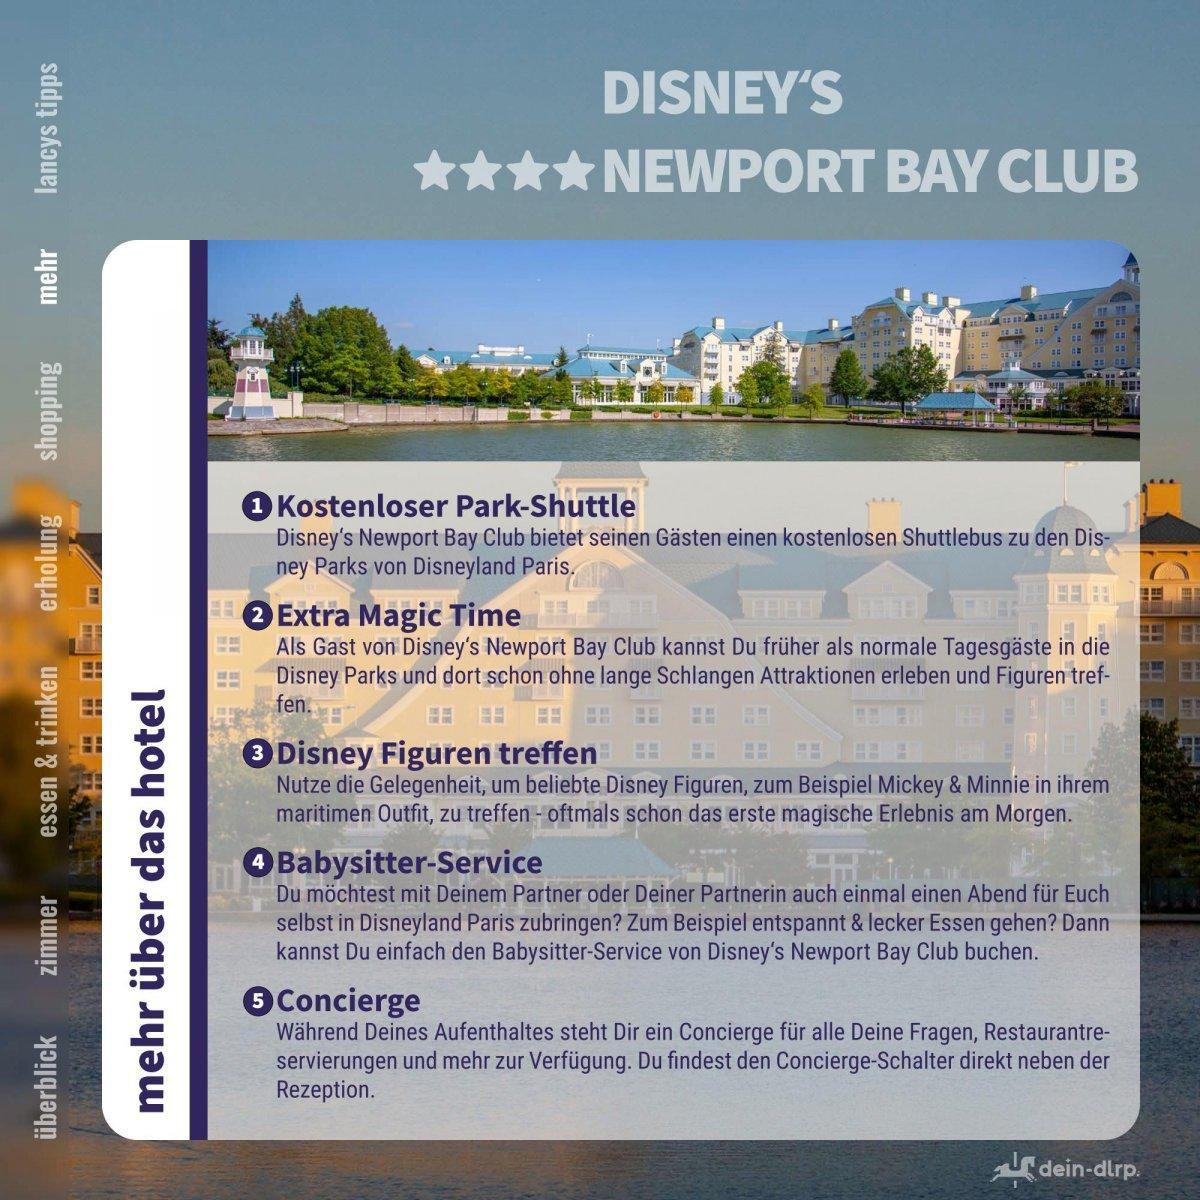 disneys-newport-bay-club-hotel-fuehrer_07.jpg